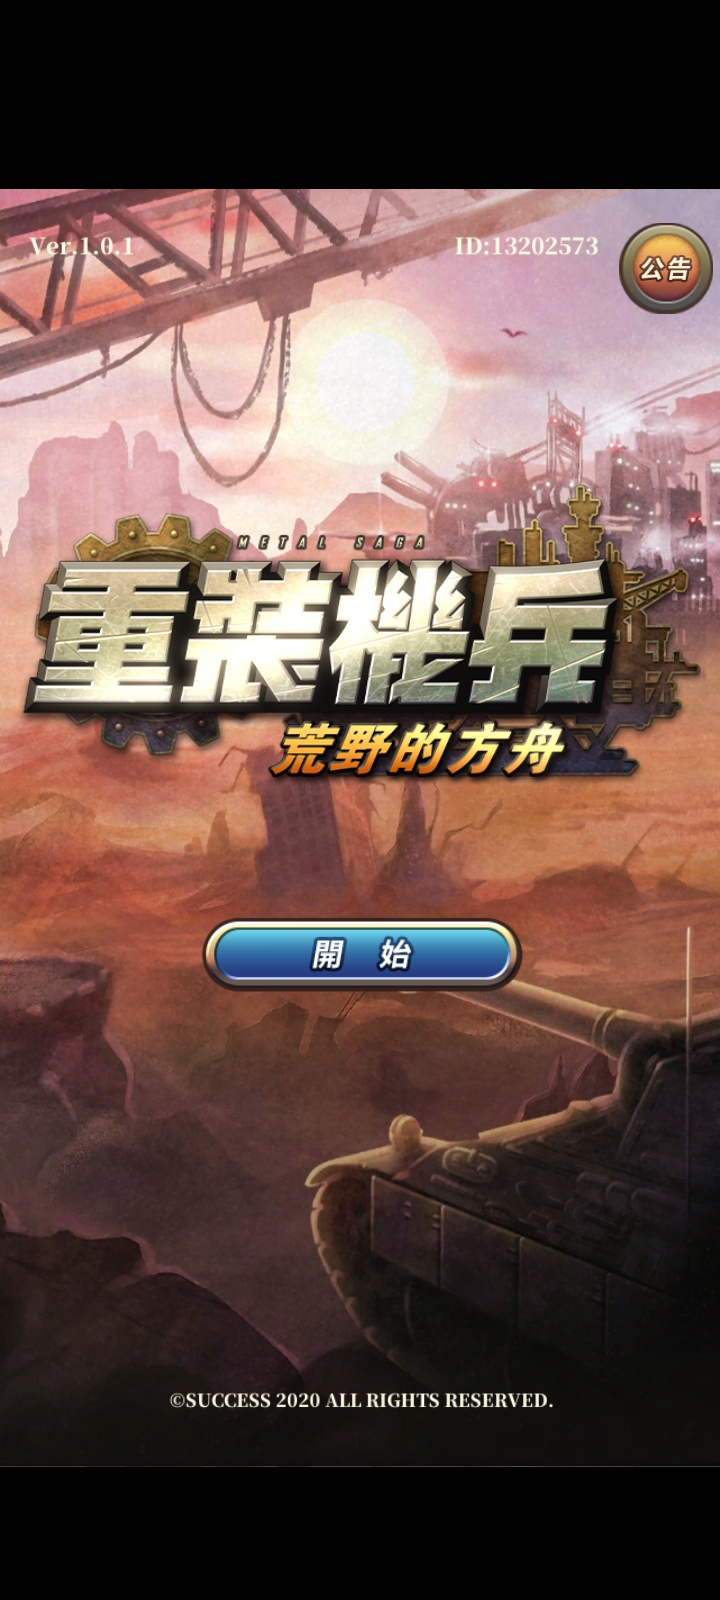 重装机兵:荒野的方舟 中文版不删档内测版 v1.0.1游戏下载